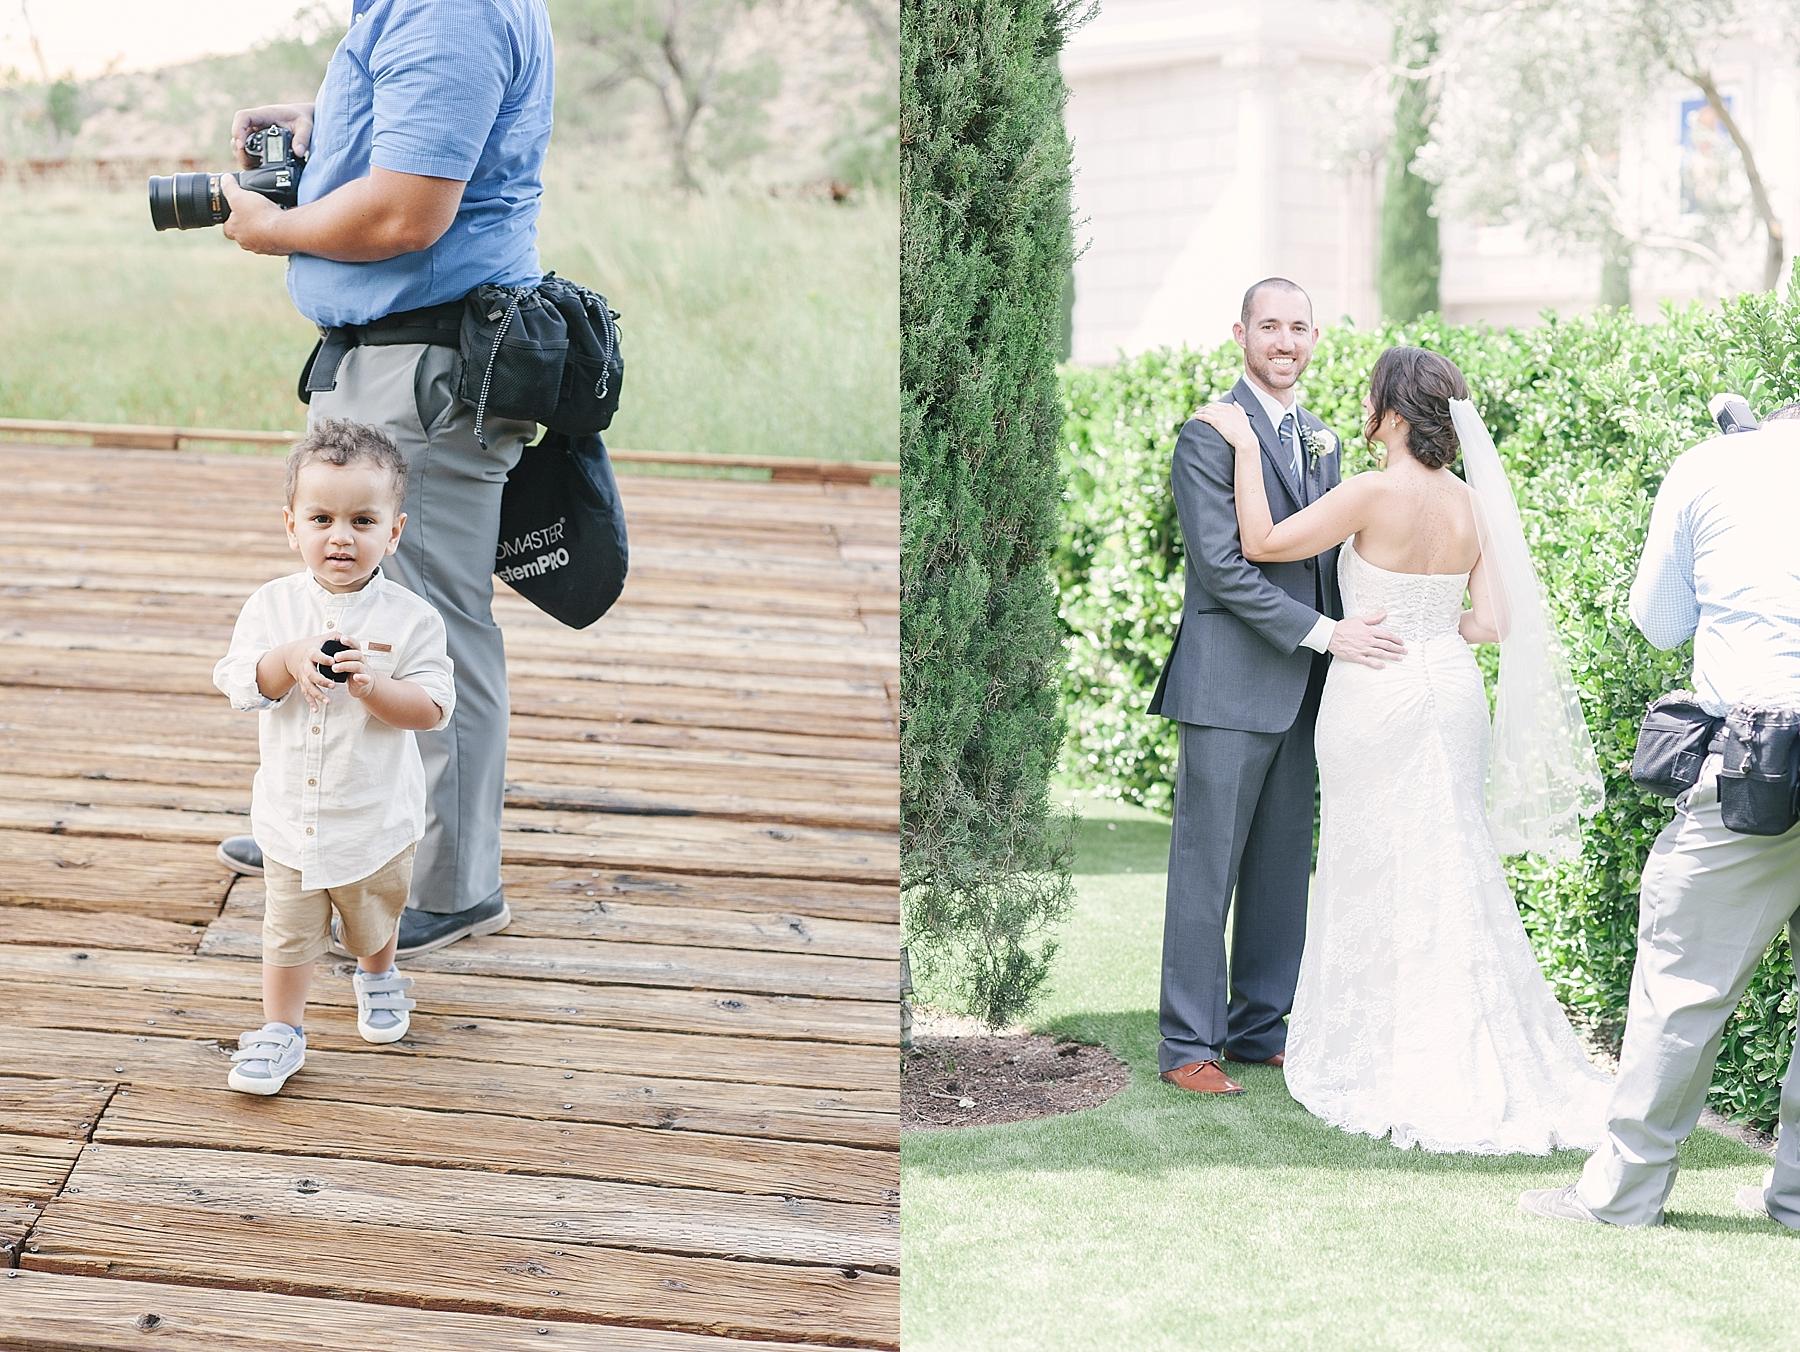 las_vegas_wedding_photographers_behind_the_scenes-03-10.jpg